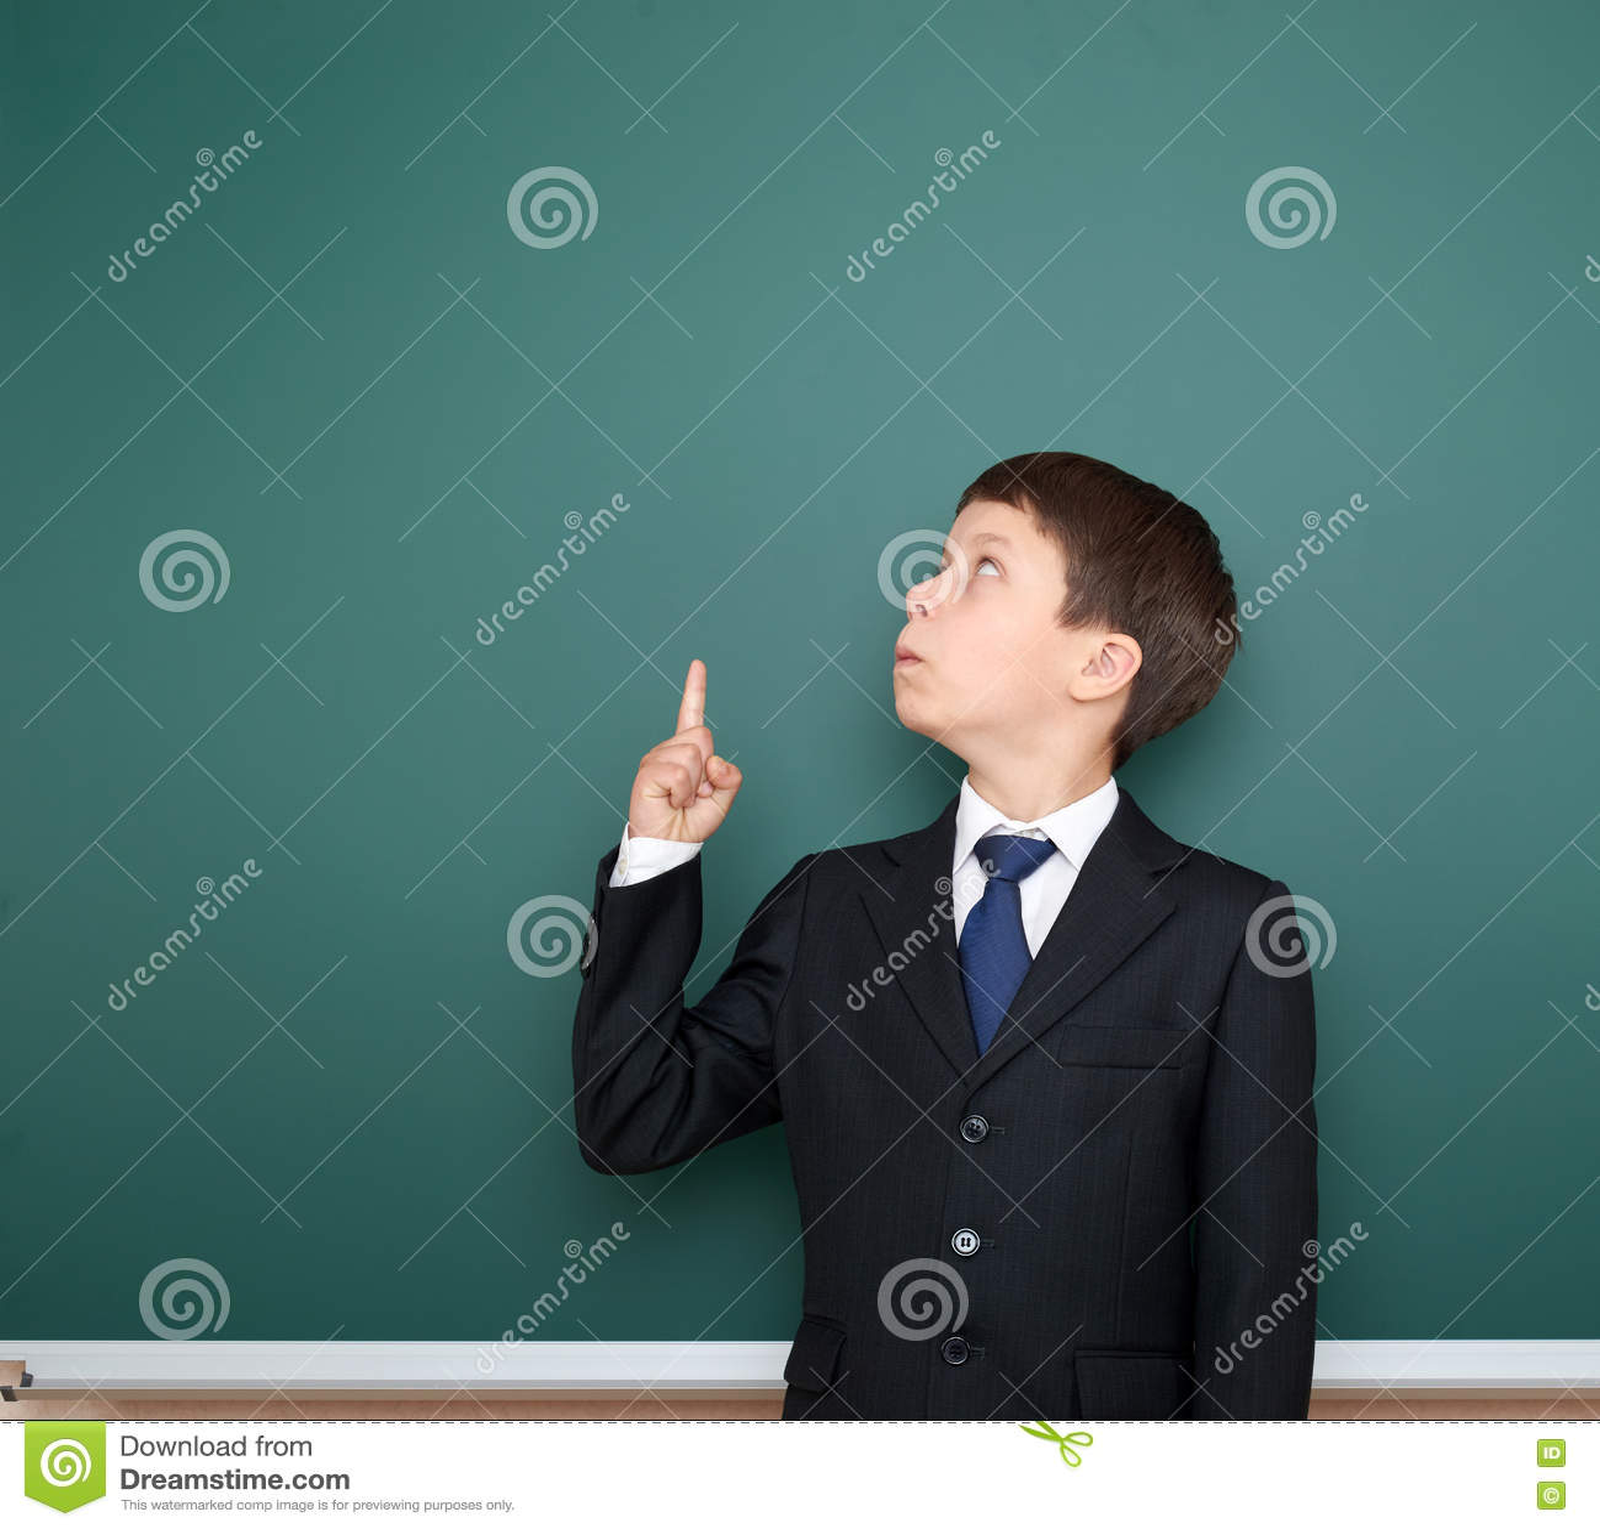 黑衣服展示手指的男生姿态和奇迹,在绿色黑板背景,教育概念的点